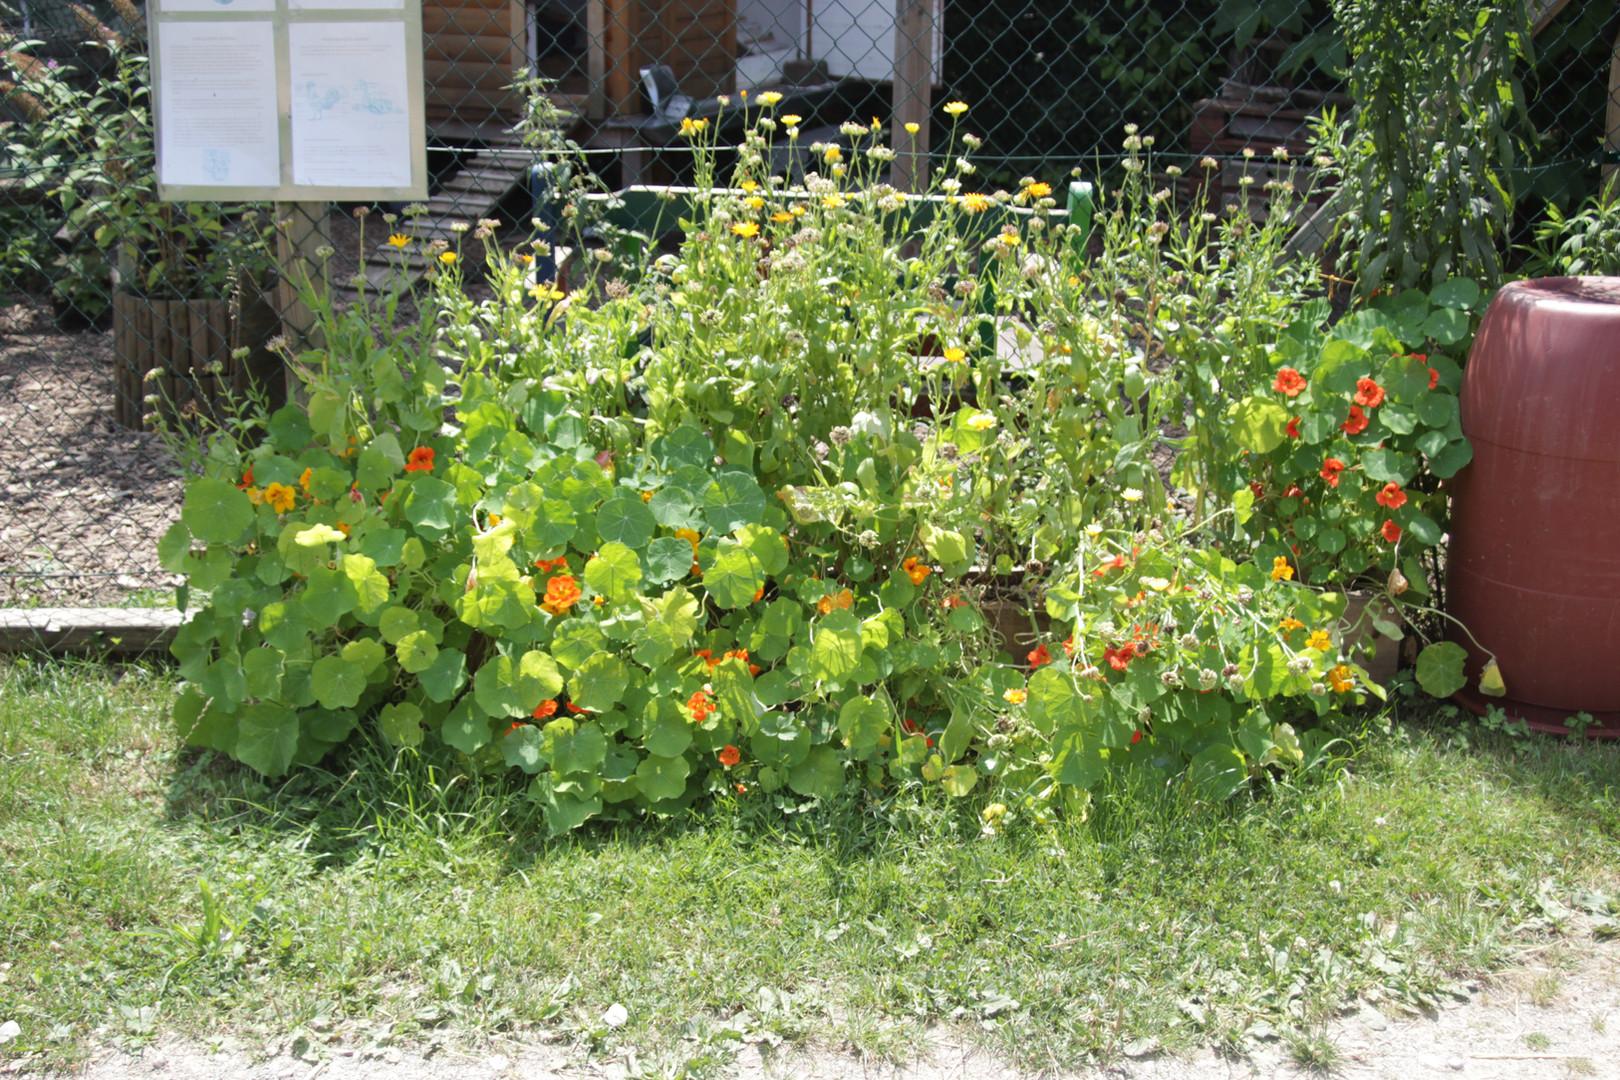 Kapuzinerkresse und Ringelblumen